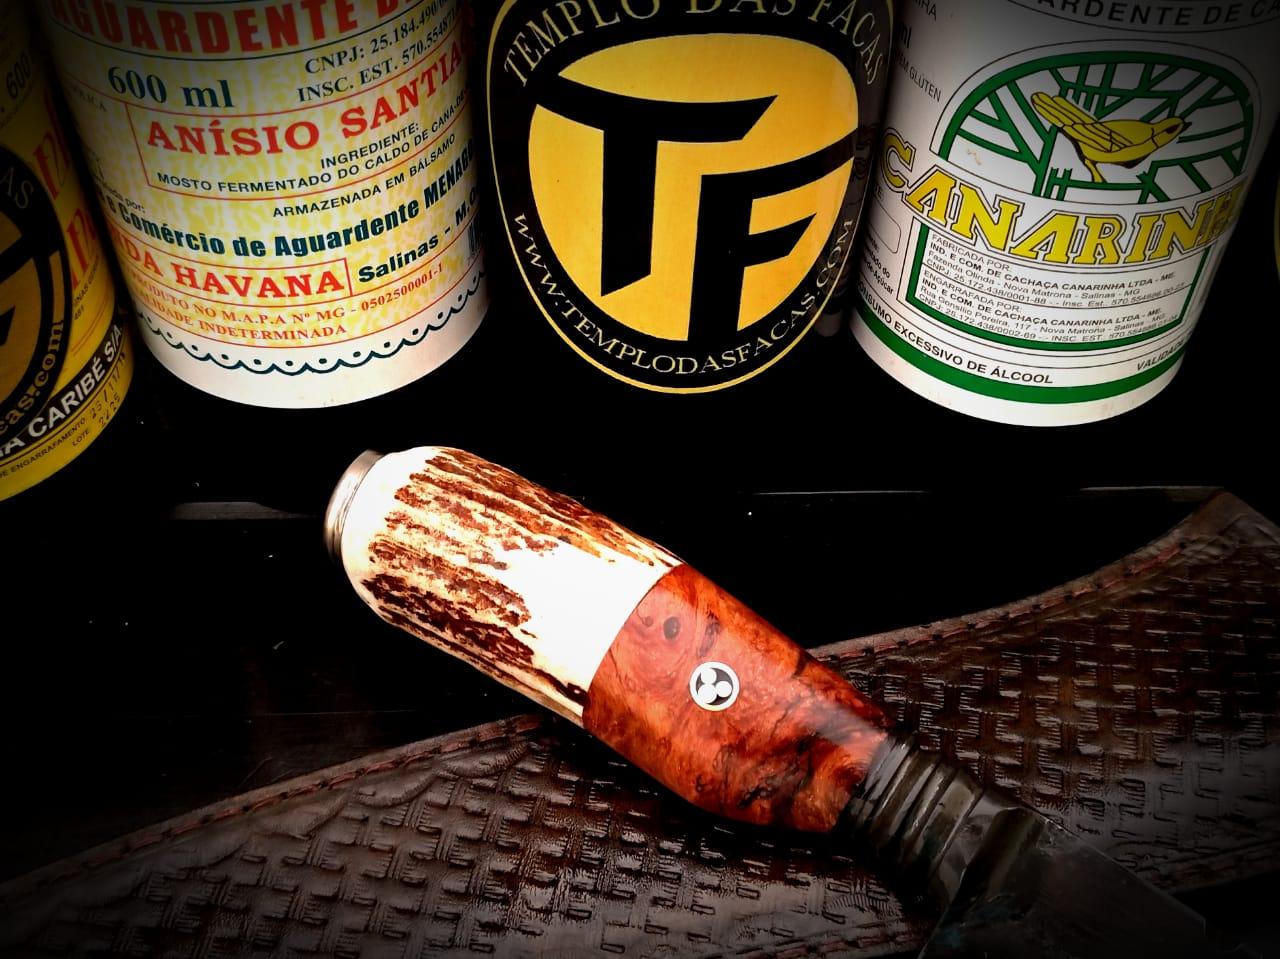 Faca artesanal forjada zaino  cabo burl maple e cervo 10 polegadas